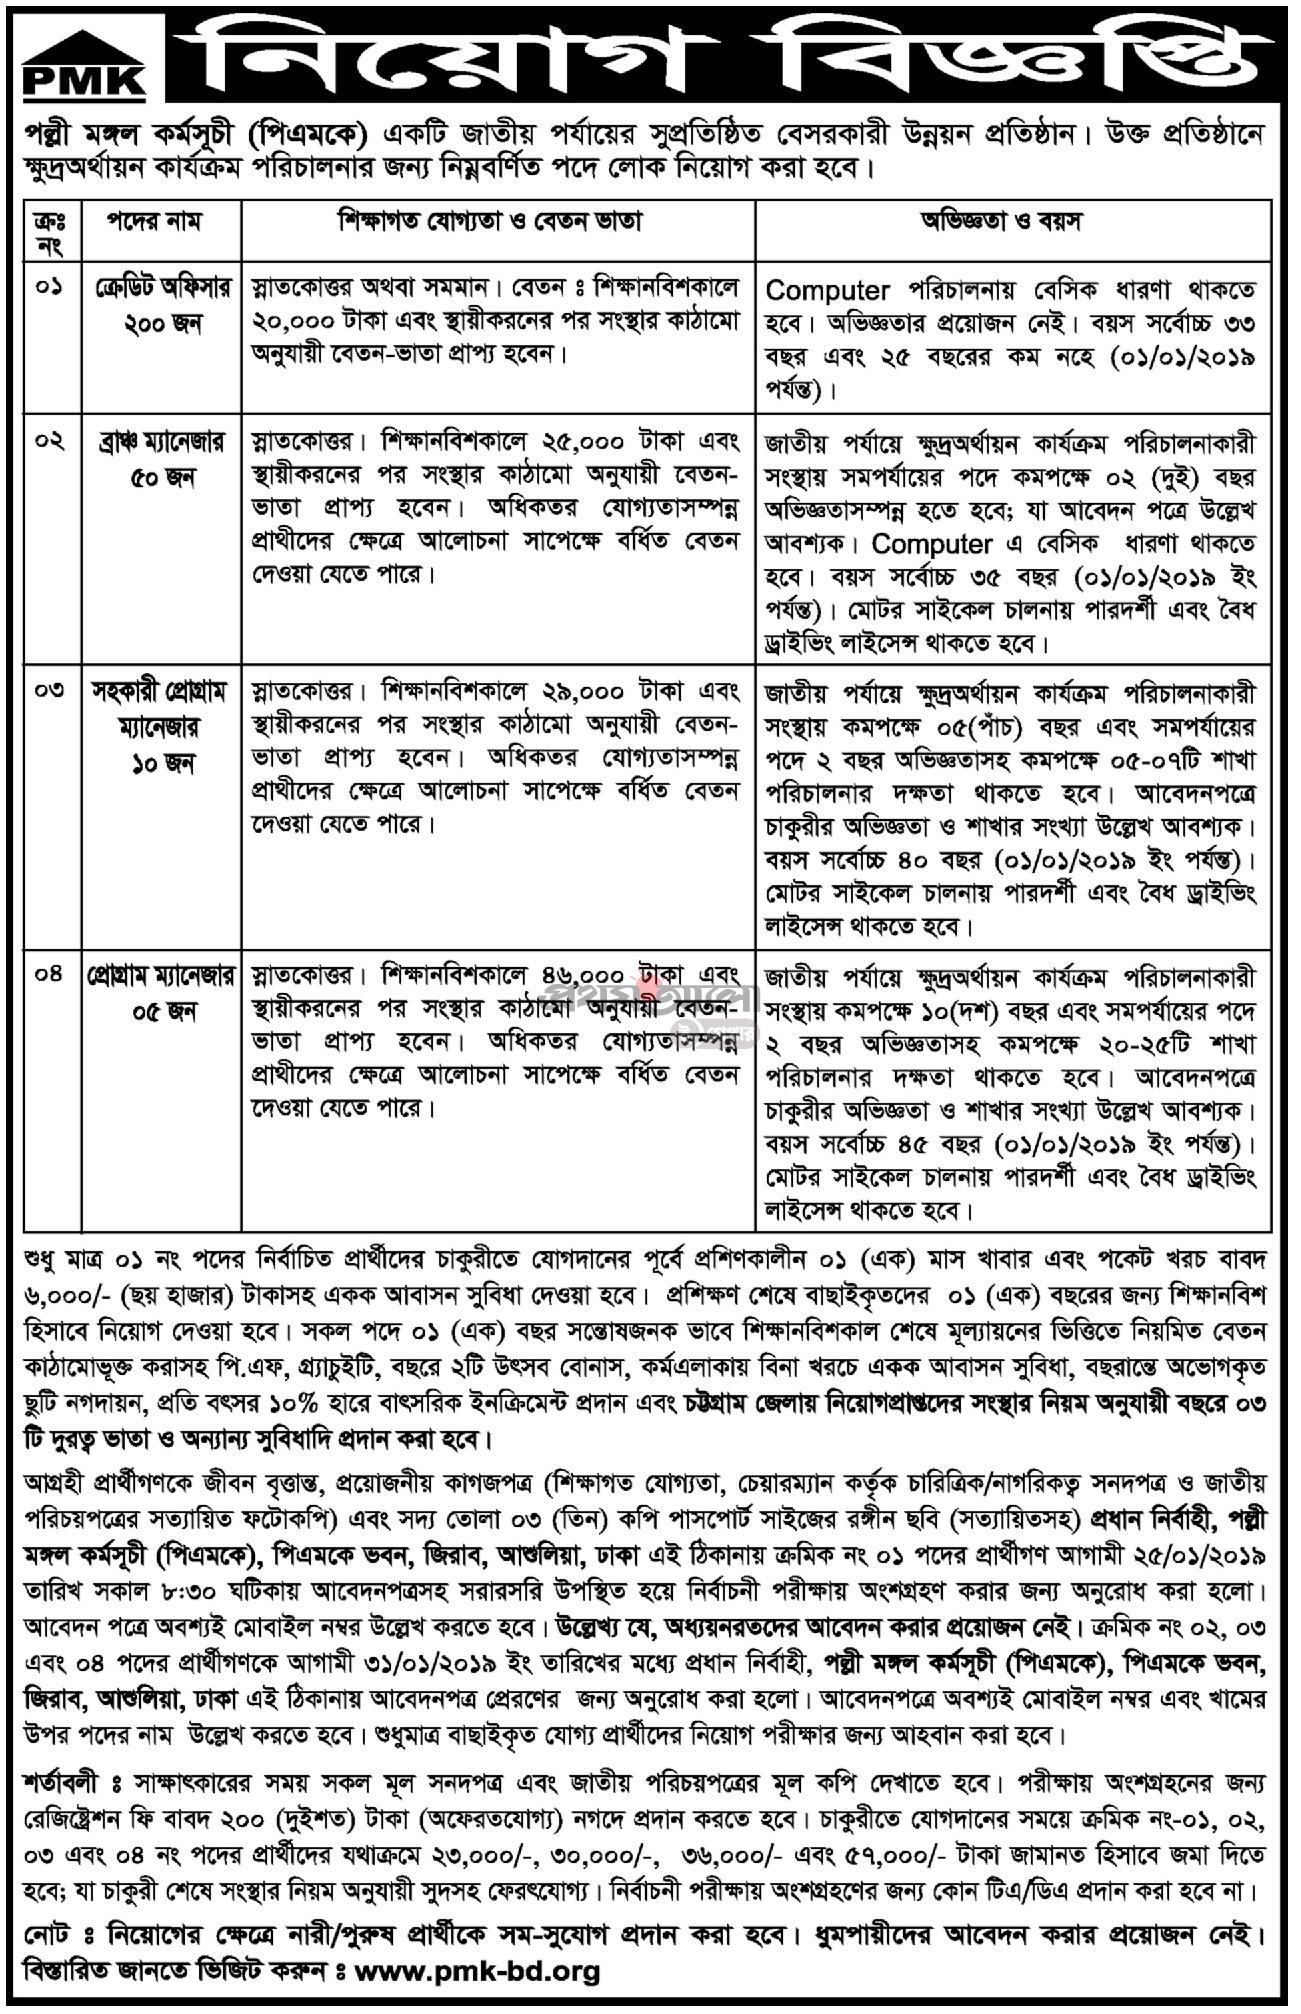 Polli Mangol Karmoshuchi (PMK) Job Circular 2019